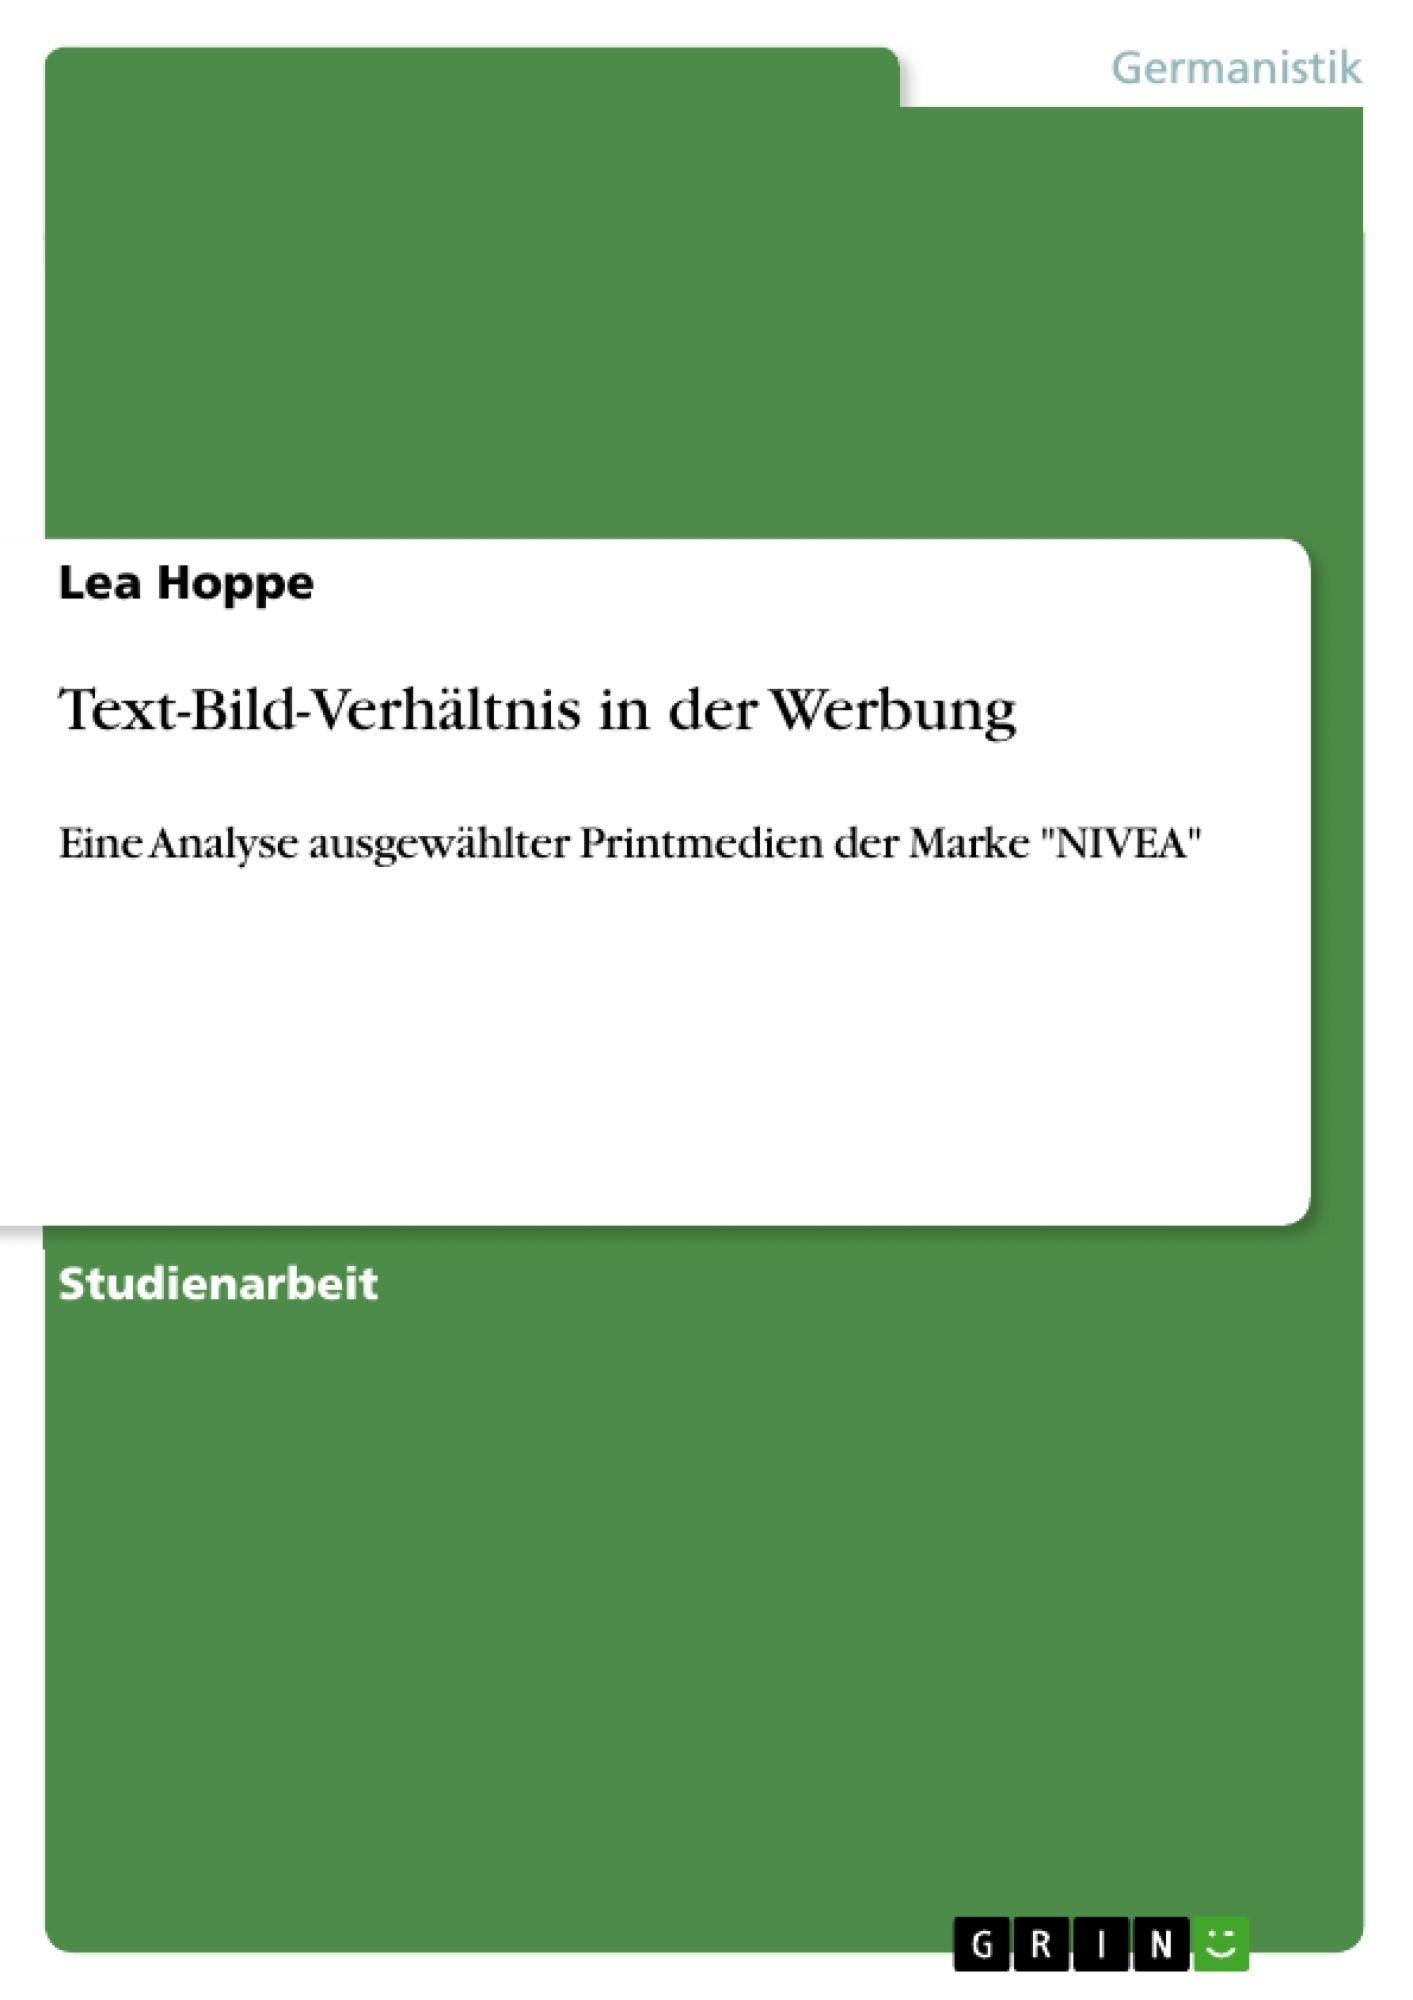 Titel: Text-Bild-Verhältnis in der Werbung